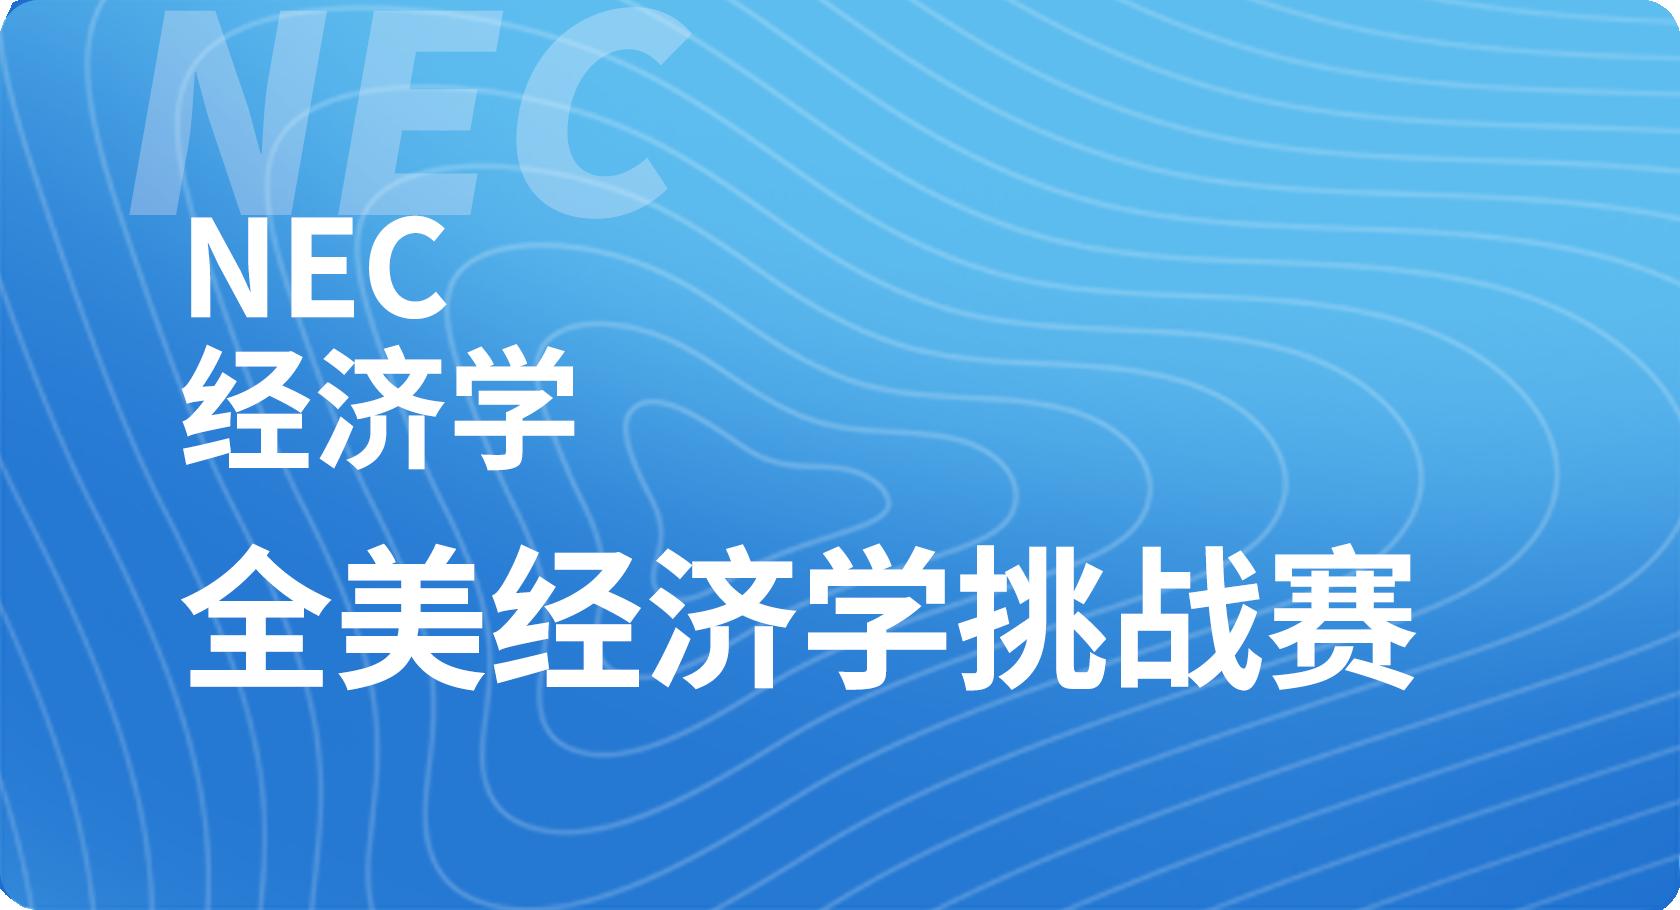 NEC全美经济学挑战赛